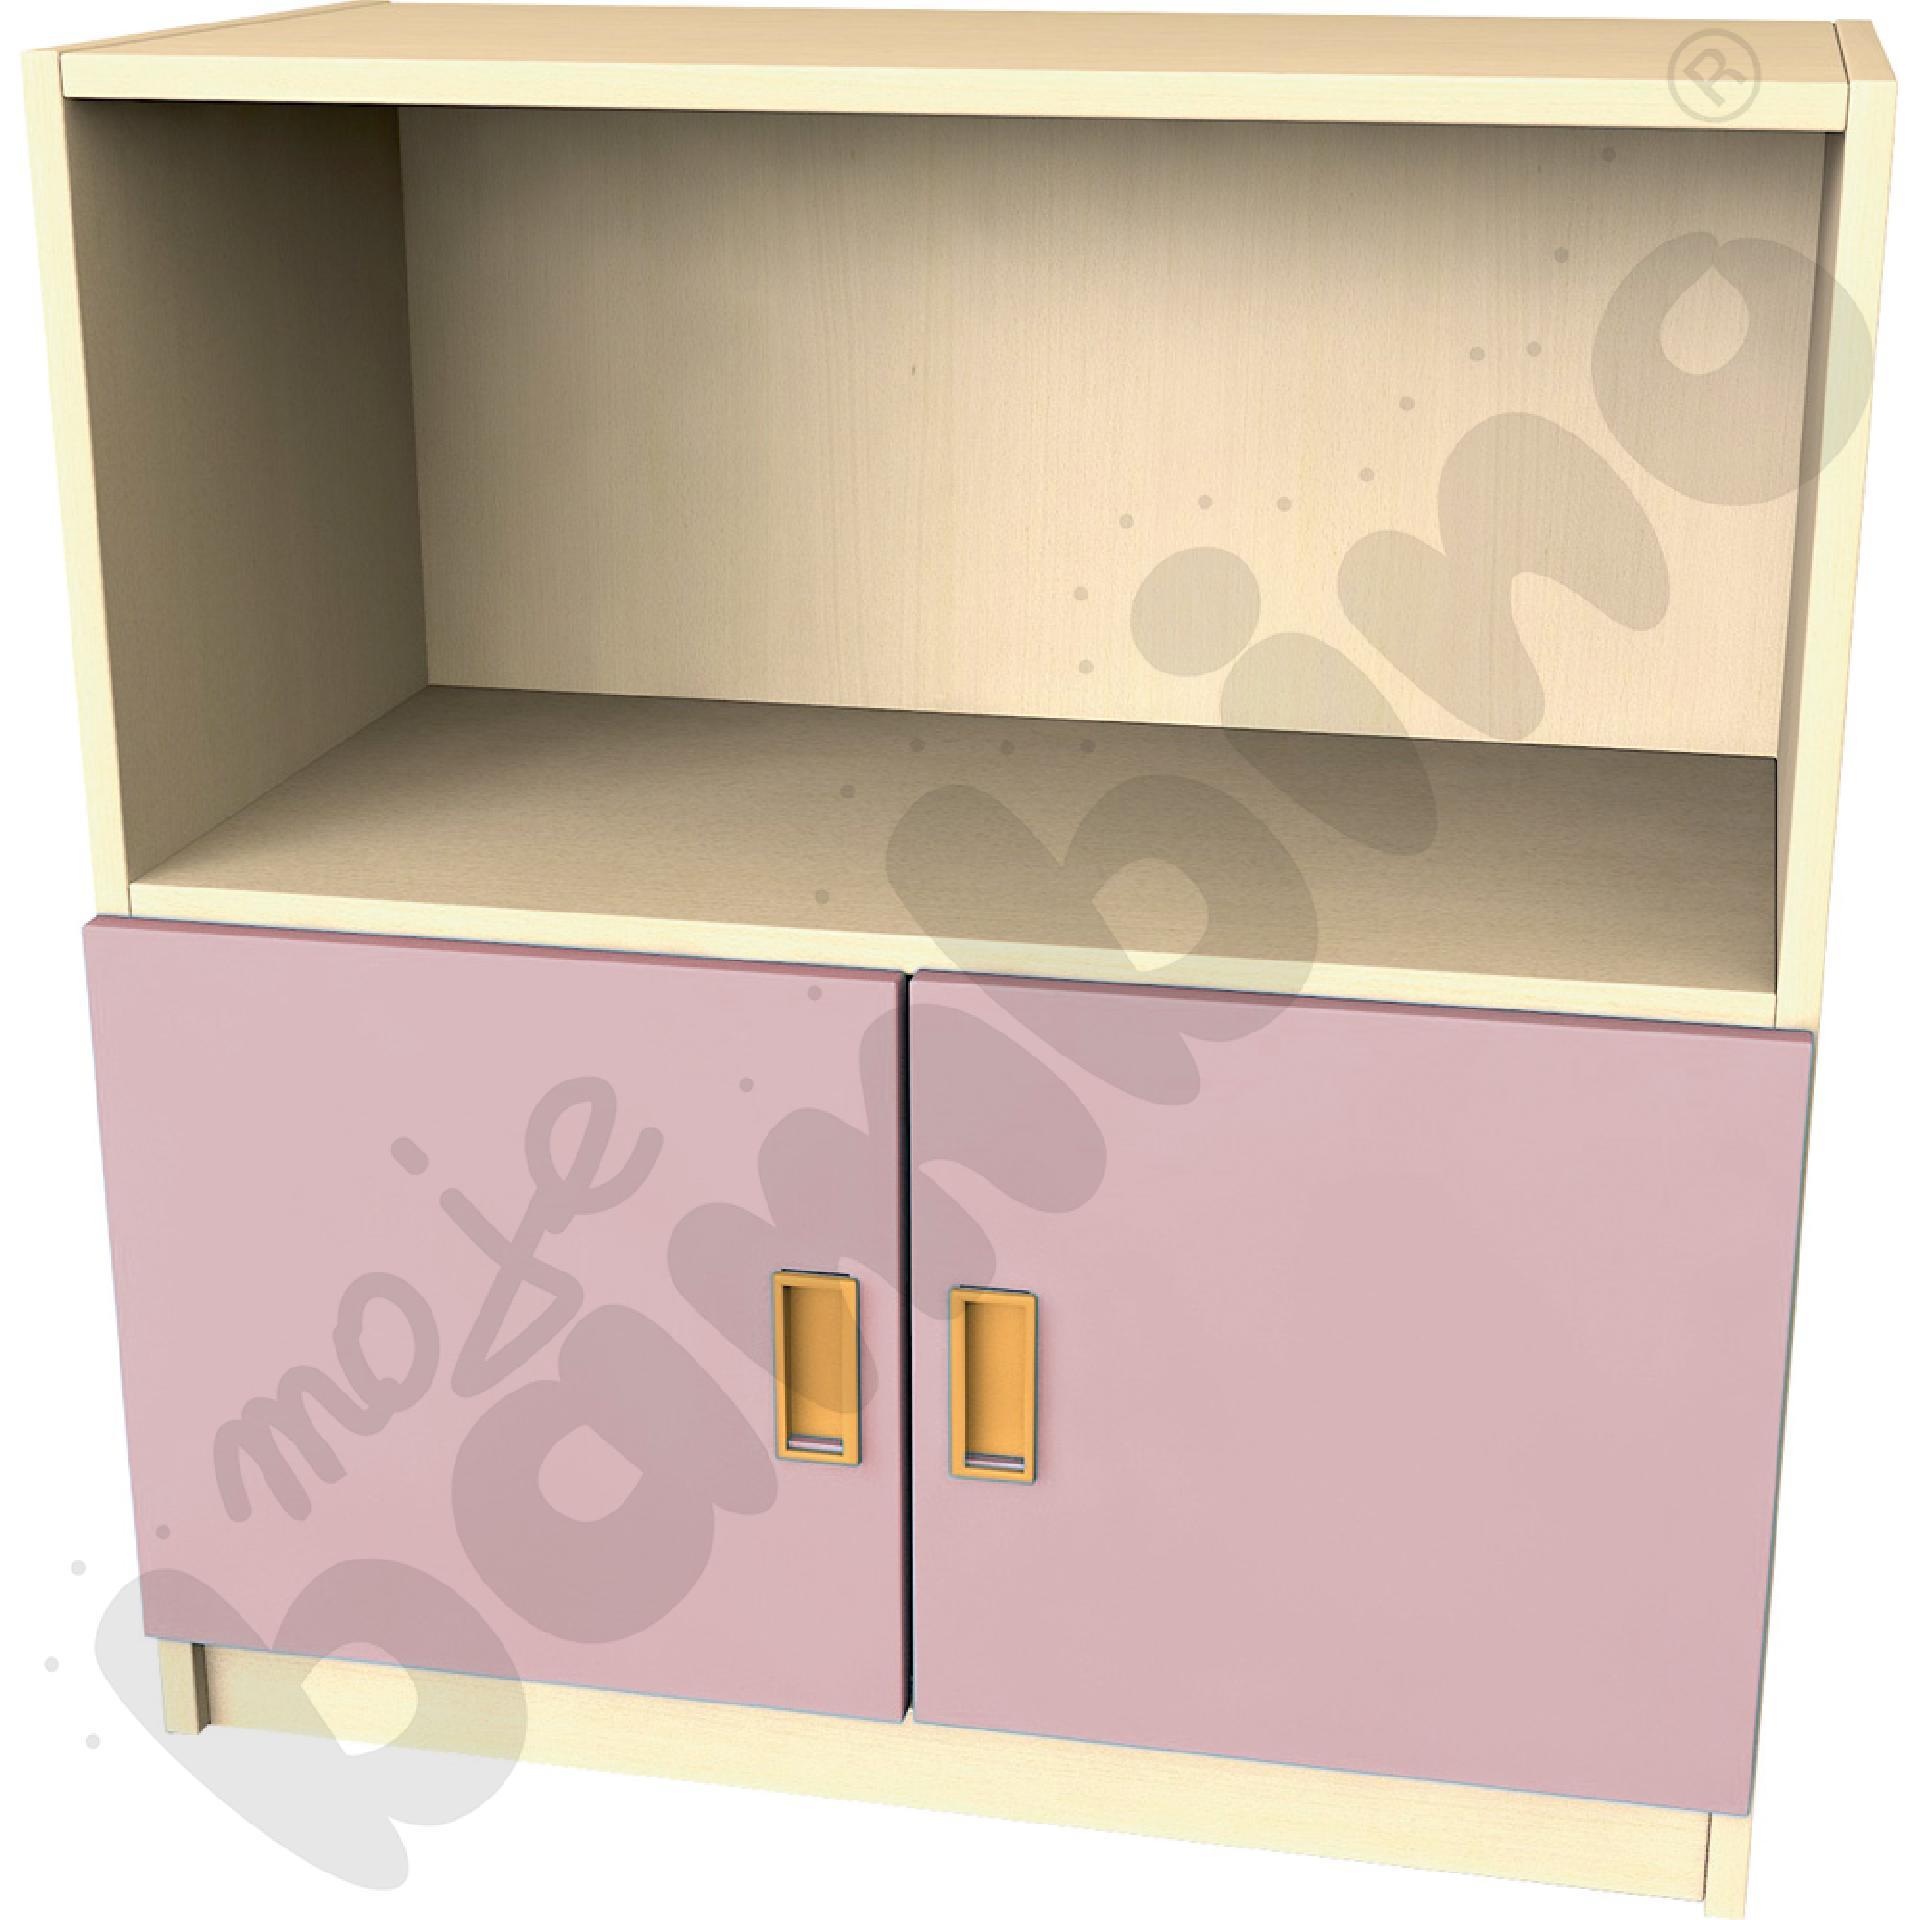 Drzwi małe do regału - cappuccino